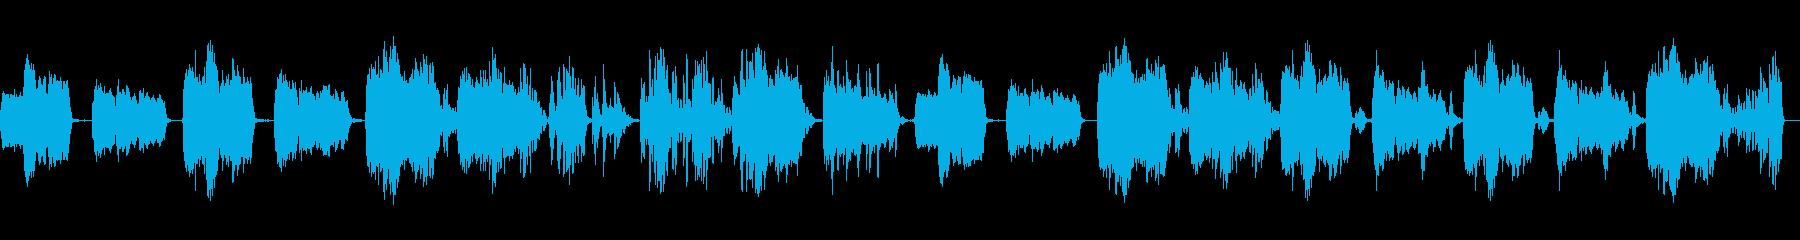 テクノ・電子音 怪獣映画サントラ風電子音の再生済みの波形